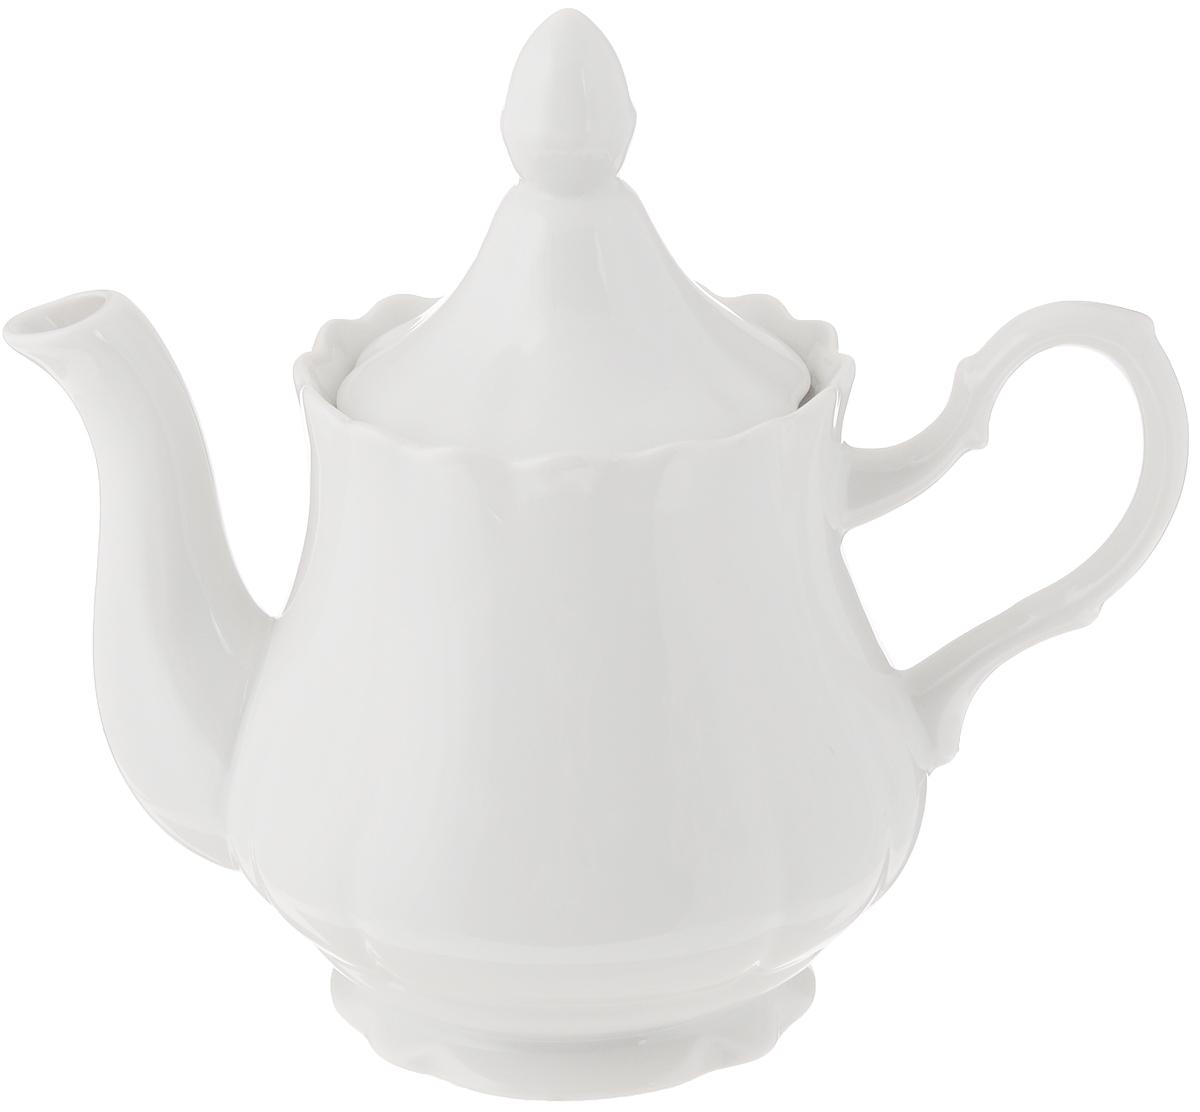 Чайник заварочный Добрушский фарфоровый завод Романс, цвет: белый, 800 мл6C0095Ф34Заварочный чайник Романс выполнен из высококачественного фарфора и покрыт сверкающей глазурью. Изделие оснащено крышкой. Заварочный чайник Романс придется по вкусу и ценителям классики, и тем, кто предпочитает современный стиль. Диаметр (по верхнему краю): 9 см. Высота чайника (без учета крышки): 12 см.